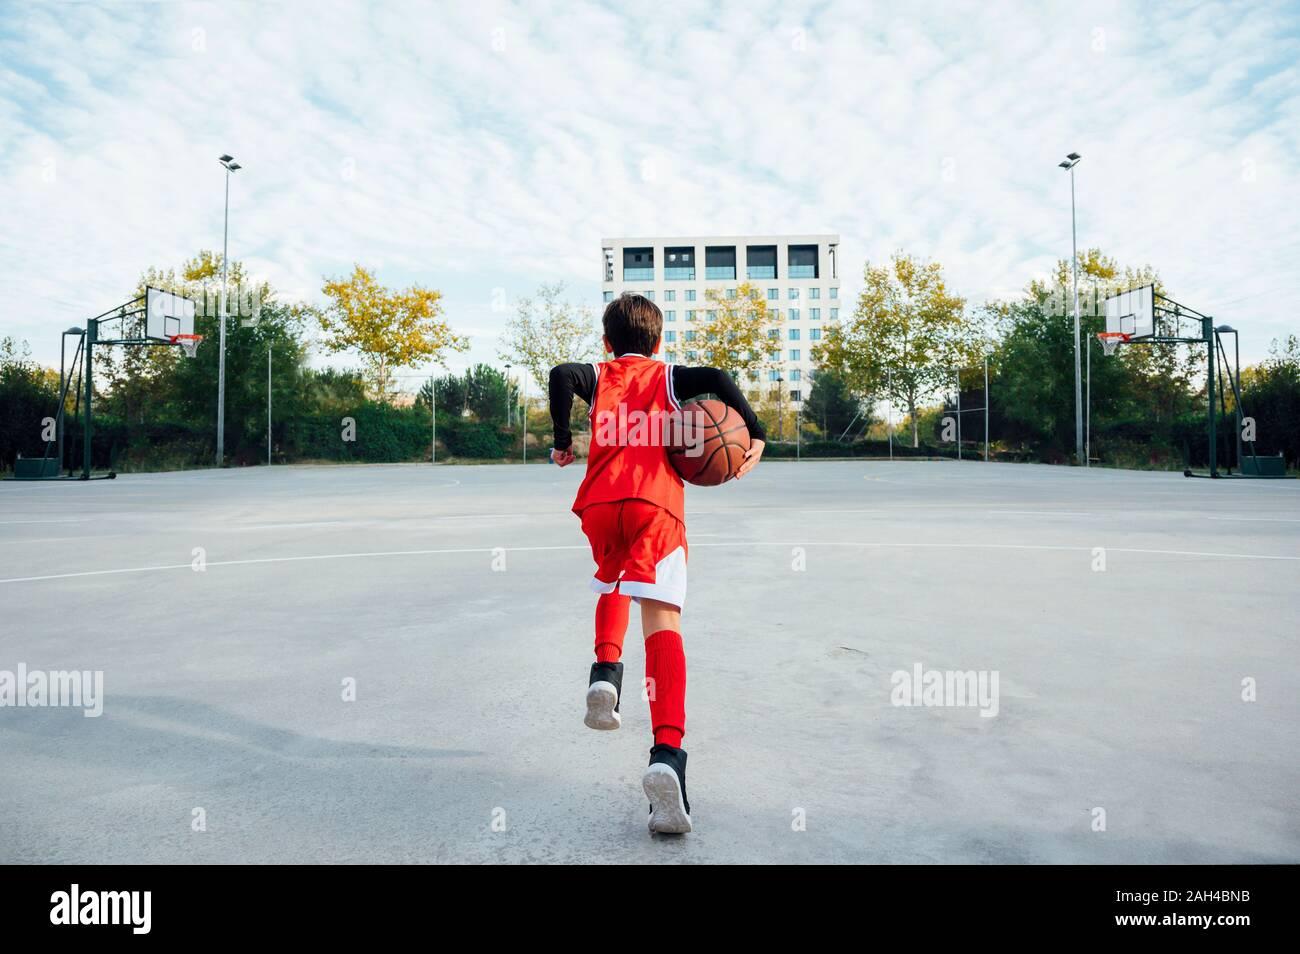 Ragazzo giocare a basket sulla corte esterna Foto Stock